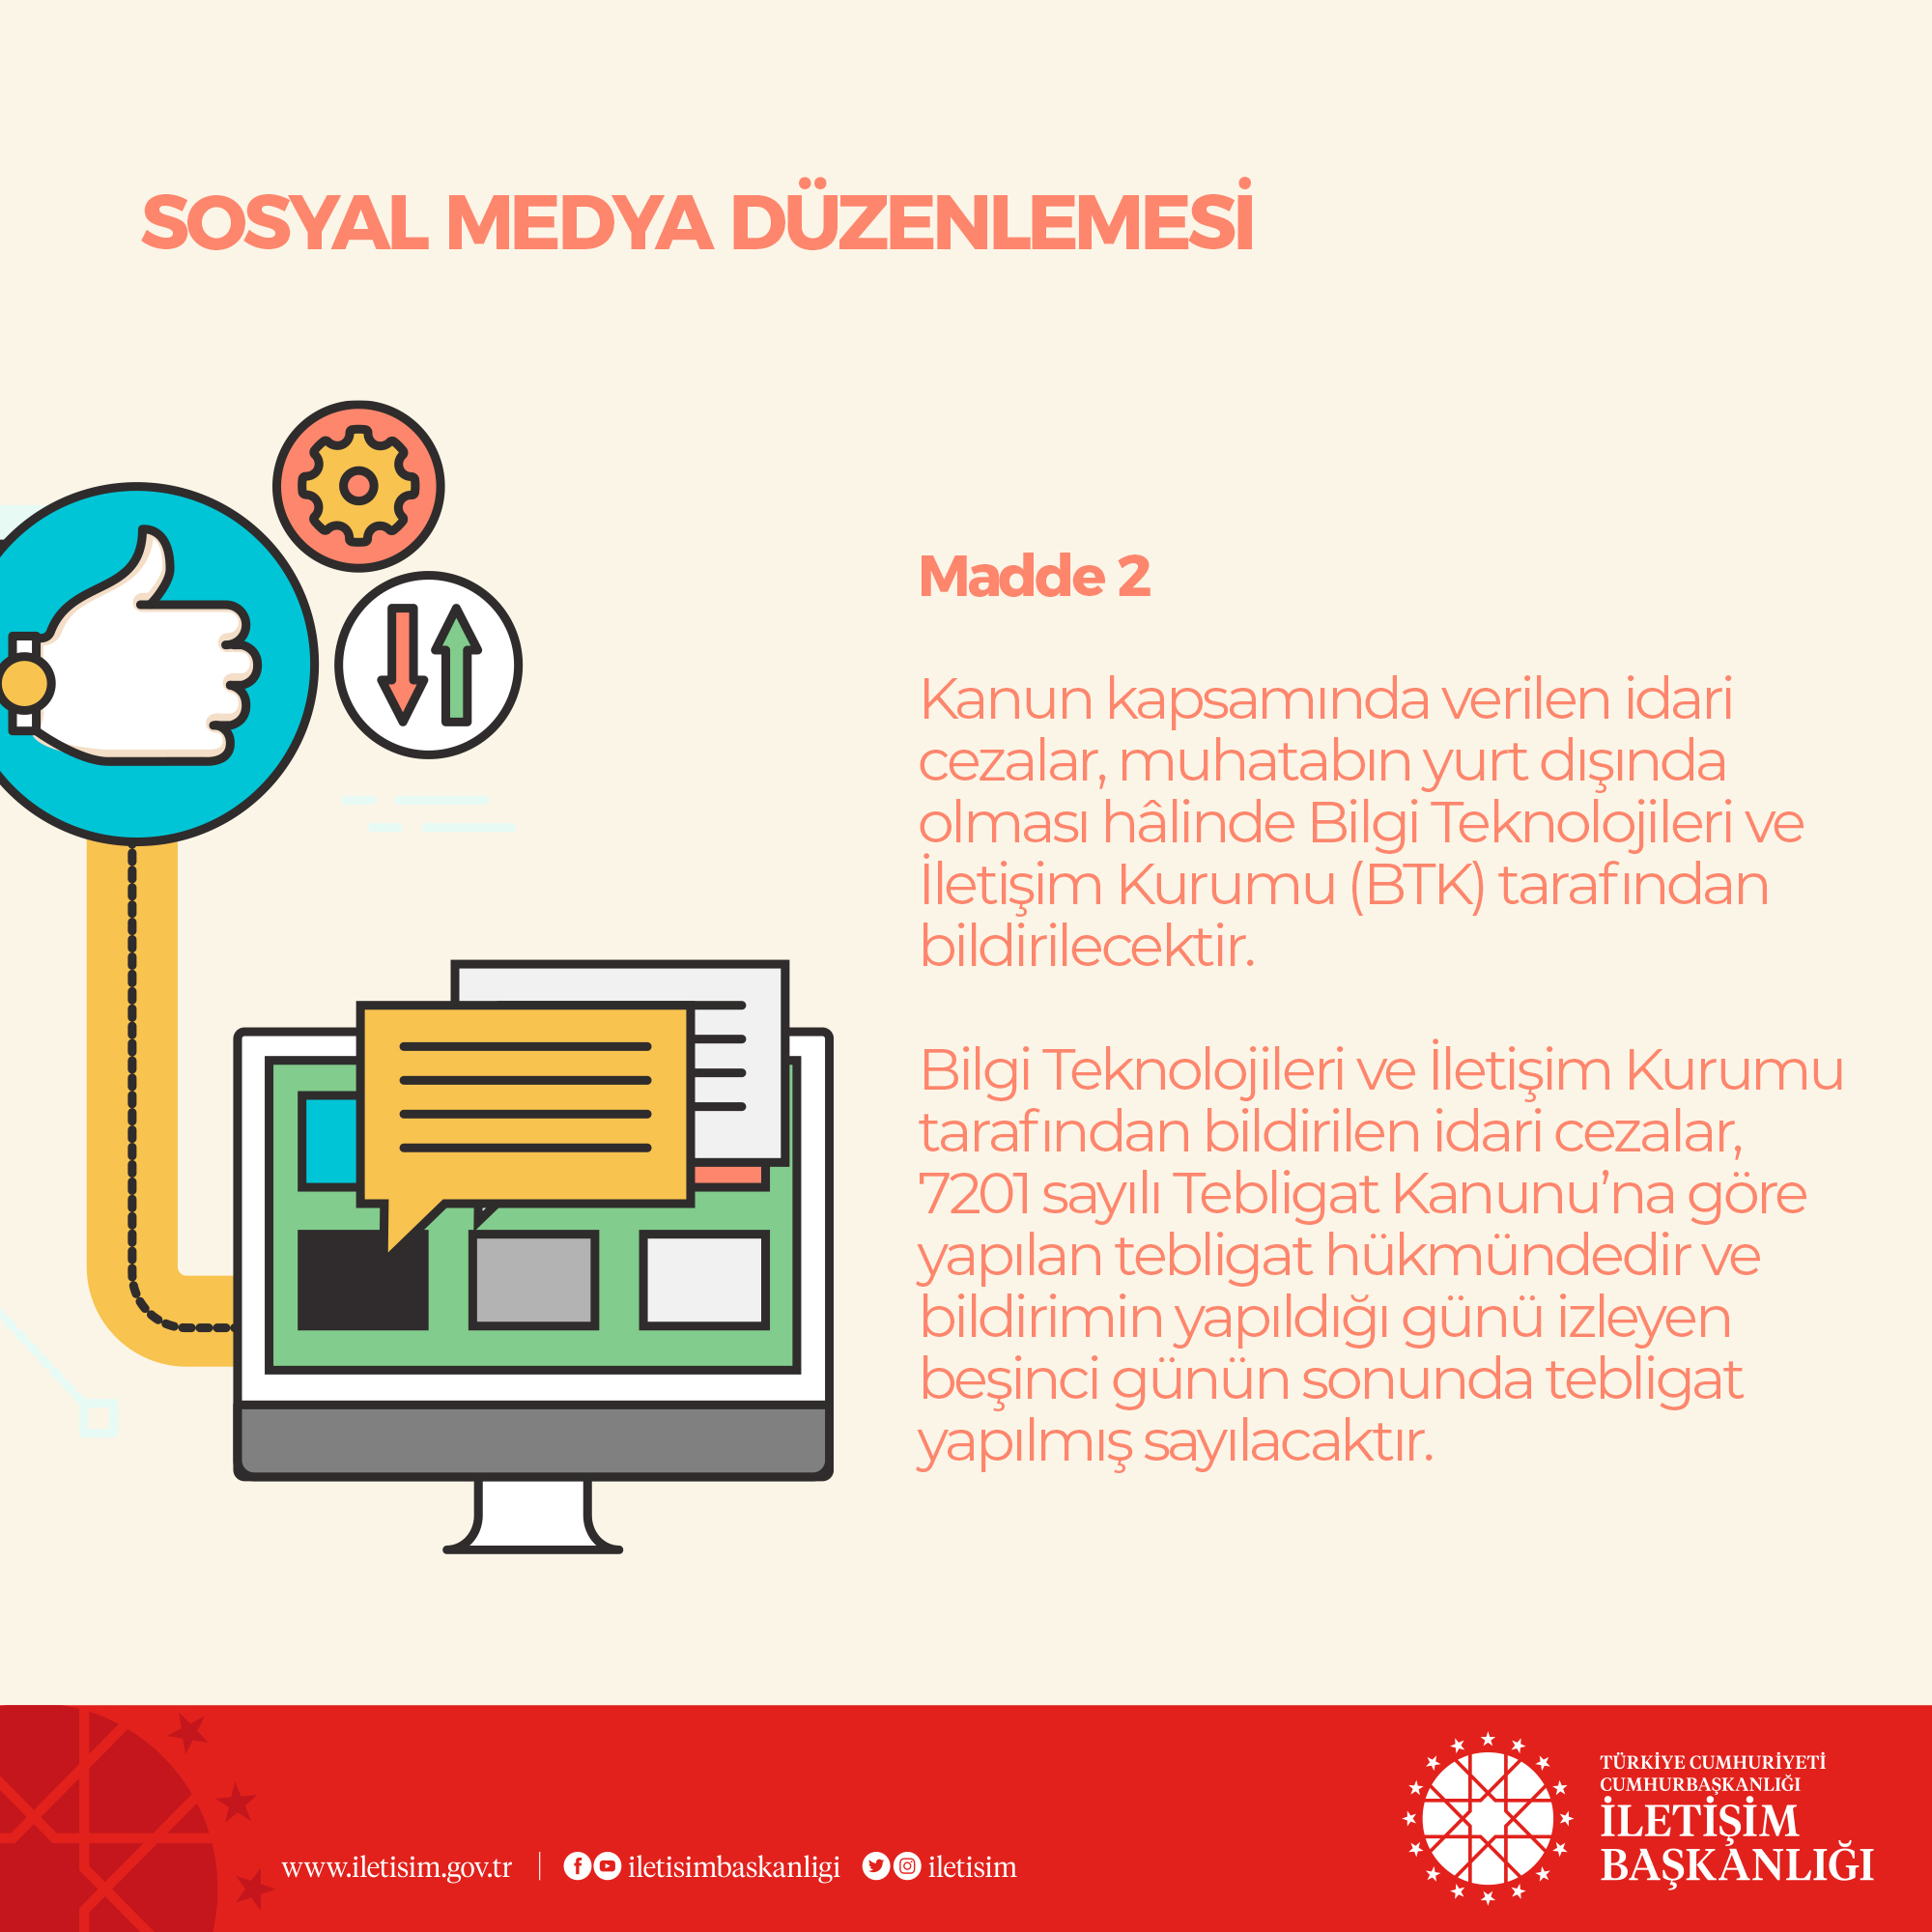 İletişim Başkanlığı, sosyal medya düzenlemesini anlattı #2